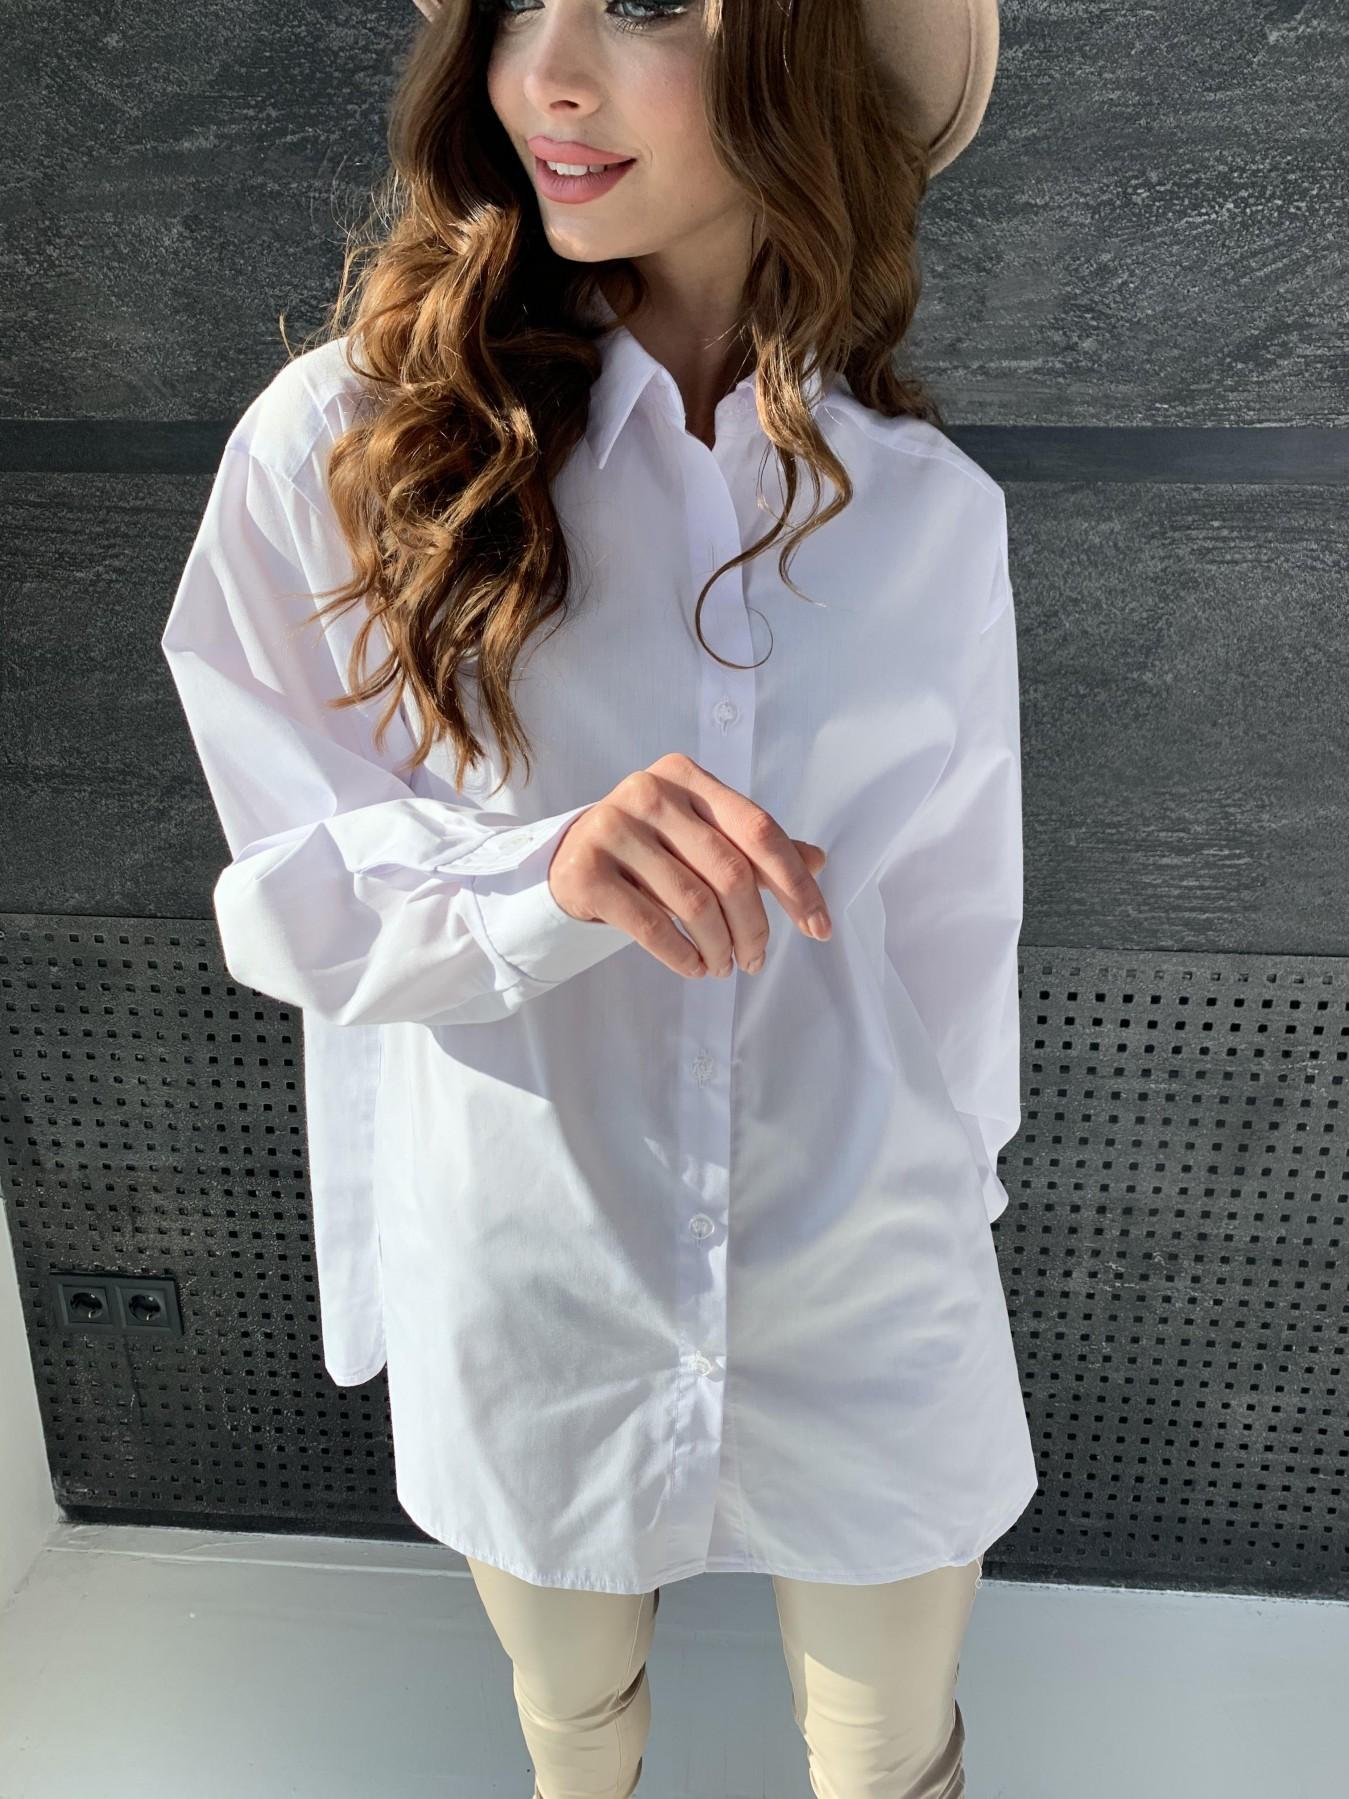 Найс рубашка из хлопковой ткани 10808 АРТ. 47287 Цвет: Белый - фото 5, интернет магазин tm-modus.ru